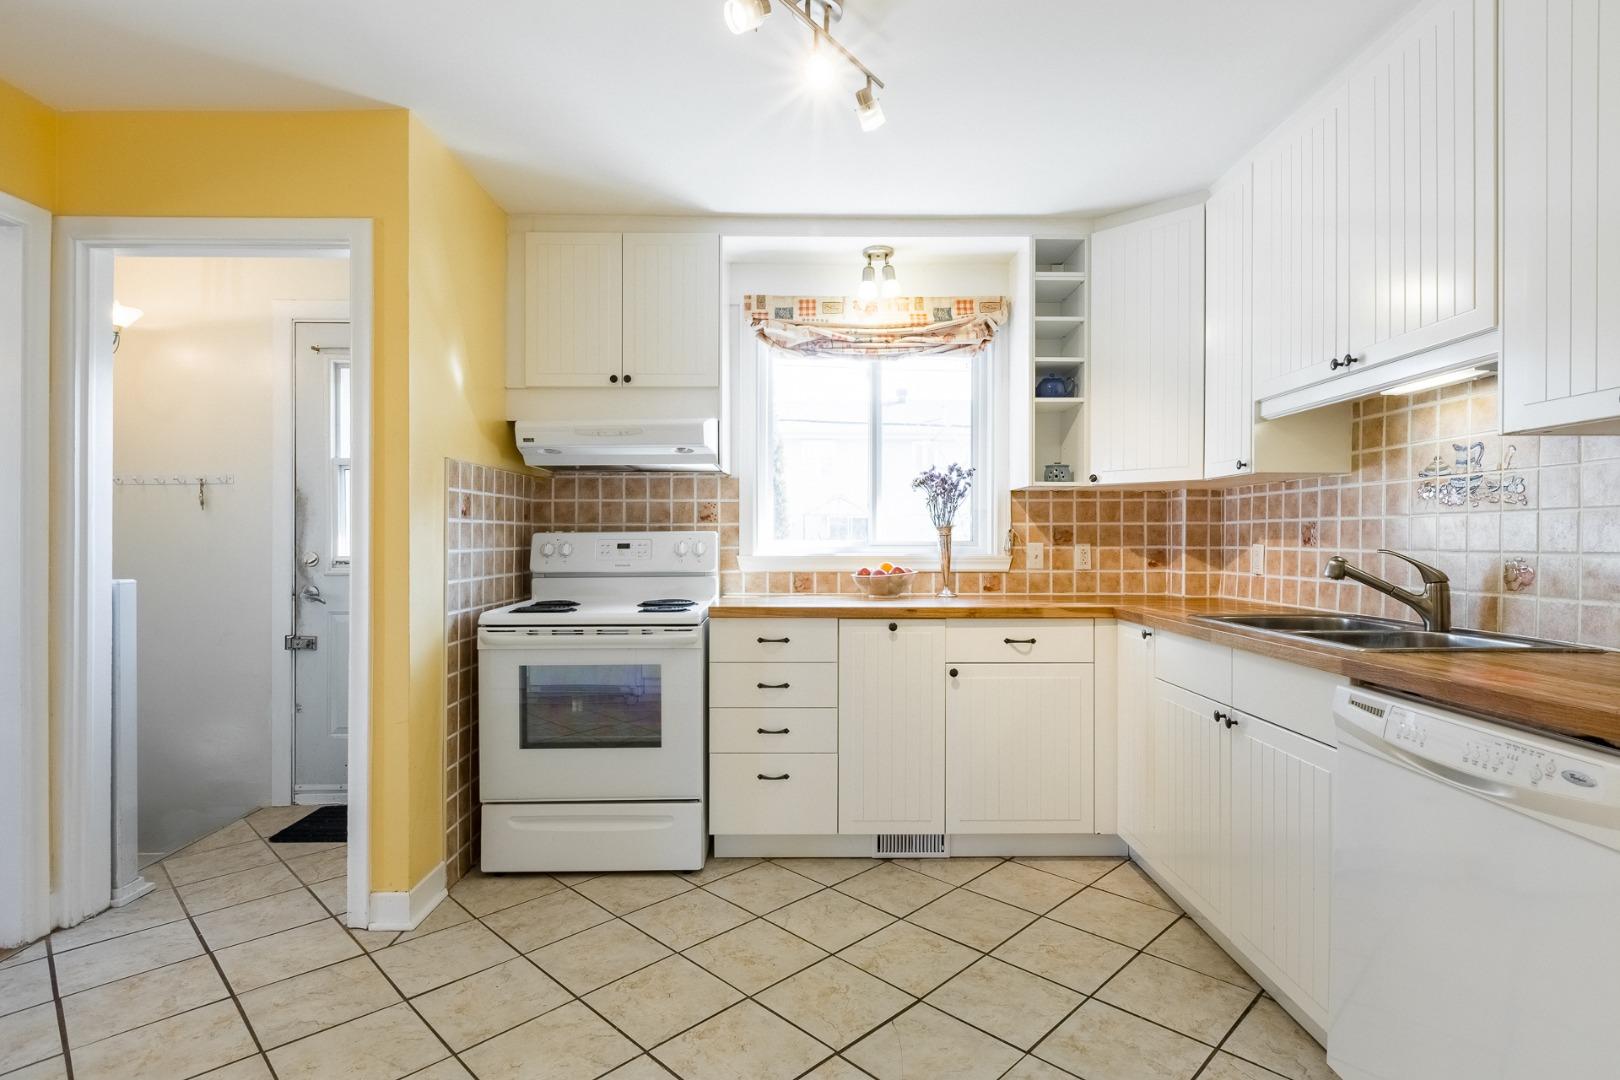 Maison à vendre_-_4351_rue_gilles_-_pierrefonds_-_steve_rouleau_-_al11.jpg